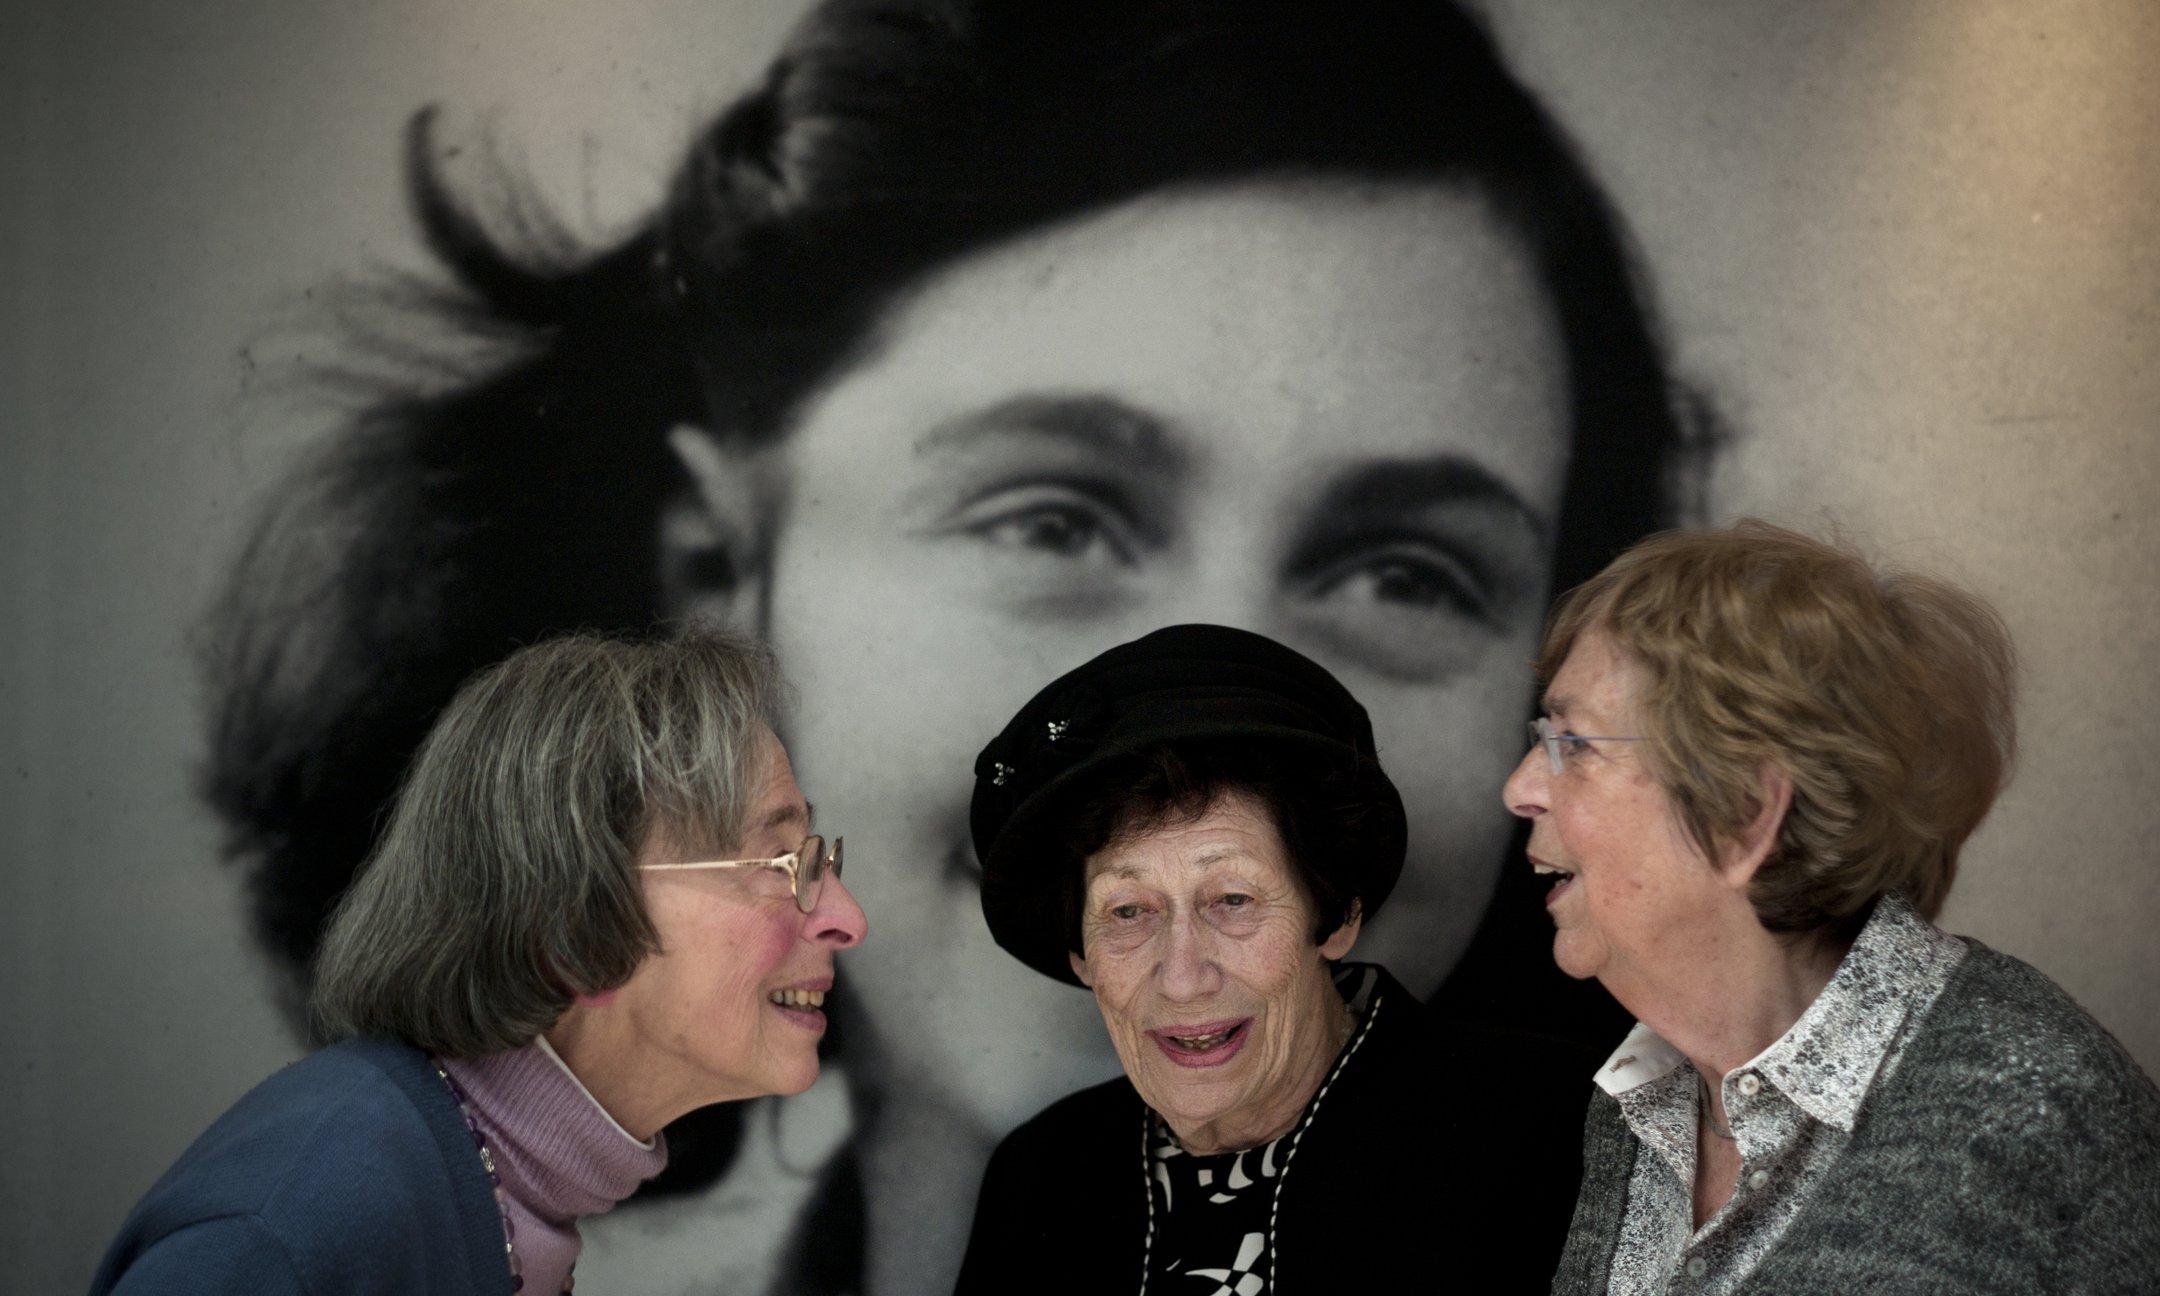 """Kitty Gokkel-Egyedi, Hannah Pick-Goslar y Jacqueline Sanders-van Maarsen en la inauguración de la exposición de Ana Frank: """"Ahora tengo quince años"""" (2012)"""